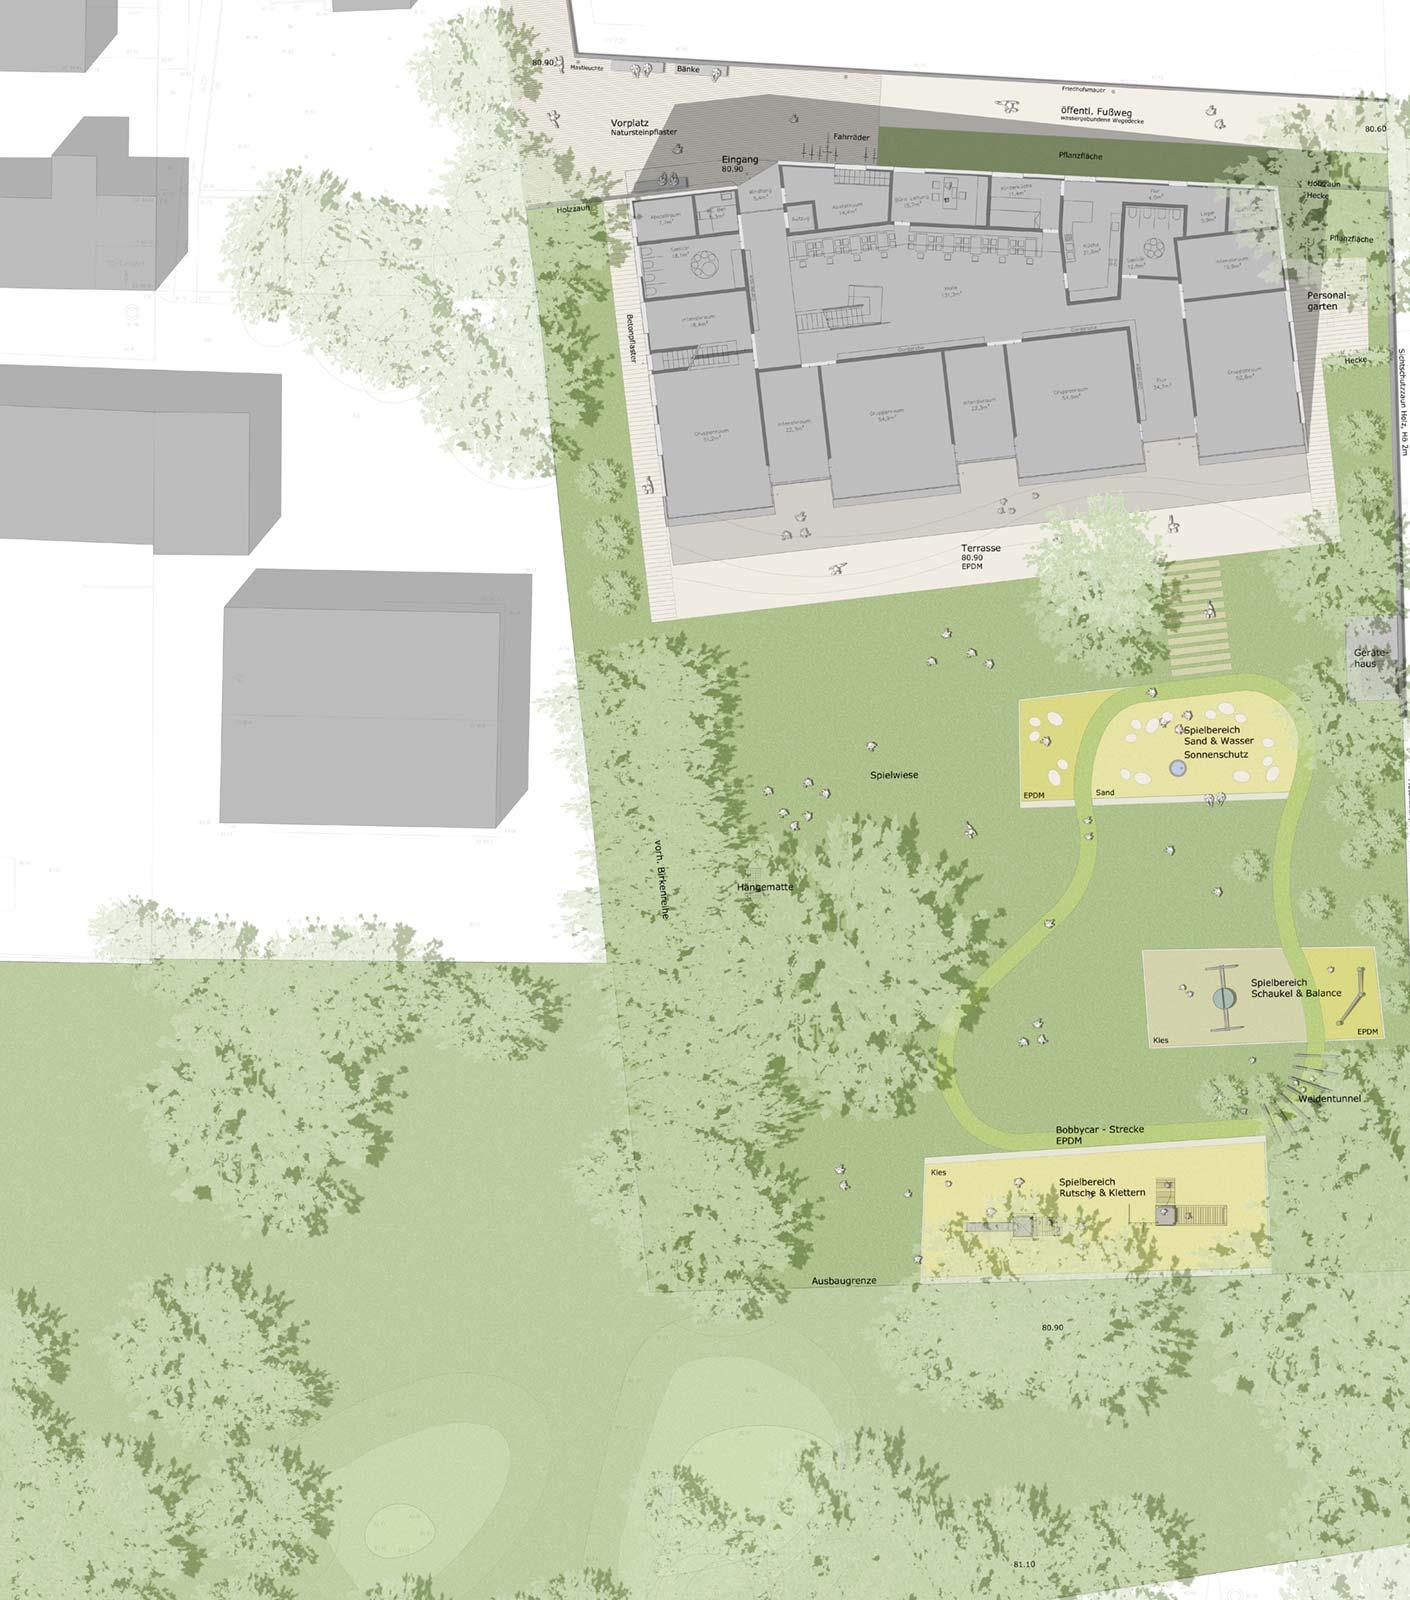 Landschaftsarchitektur Kindergarten St. Severin Garching - Grundriss